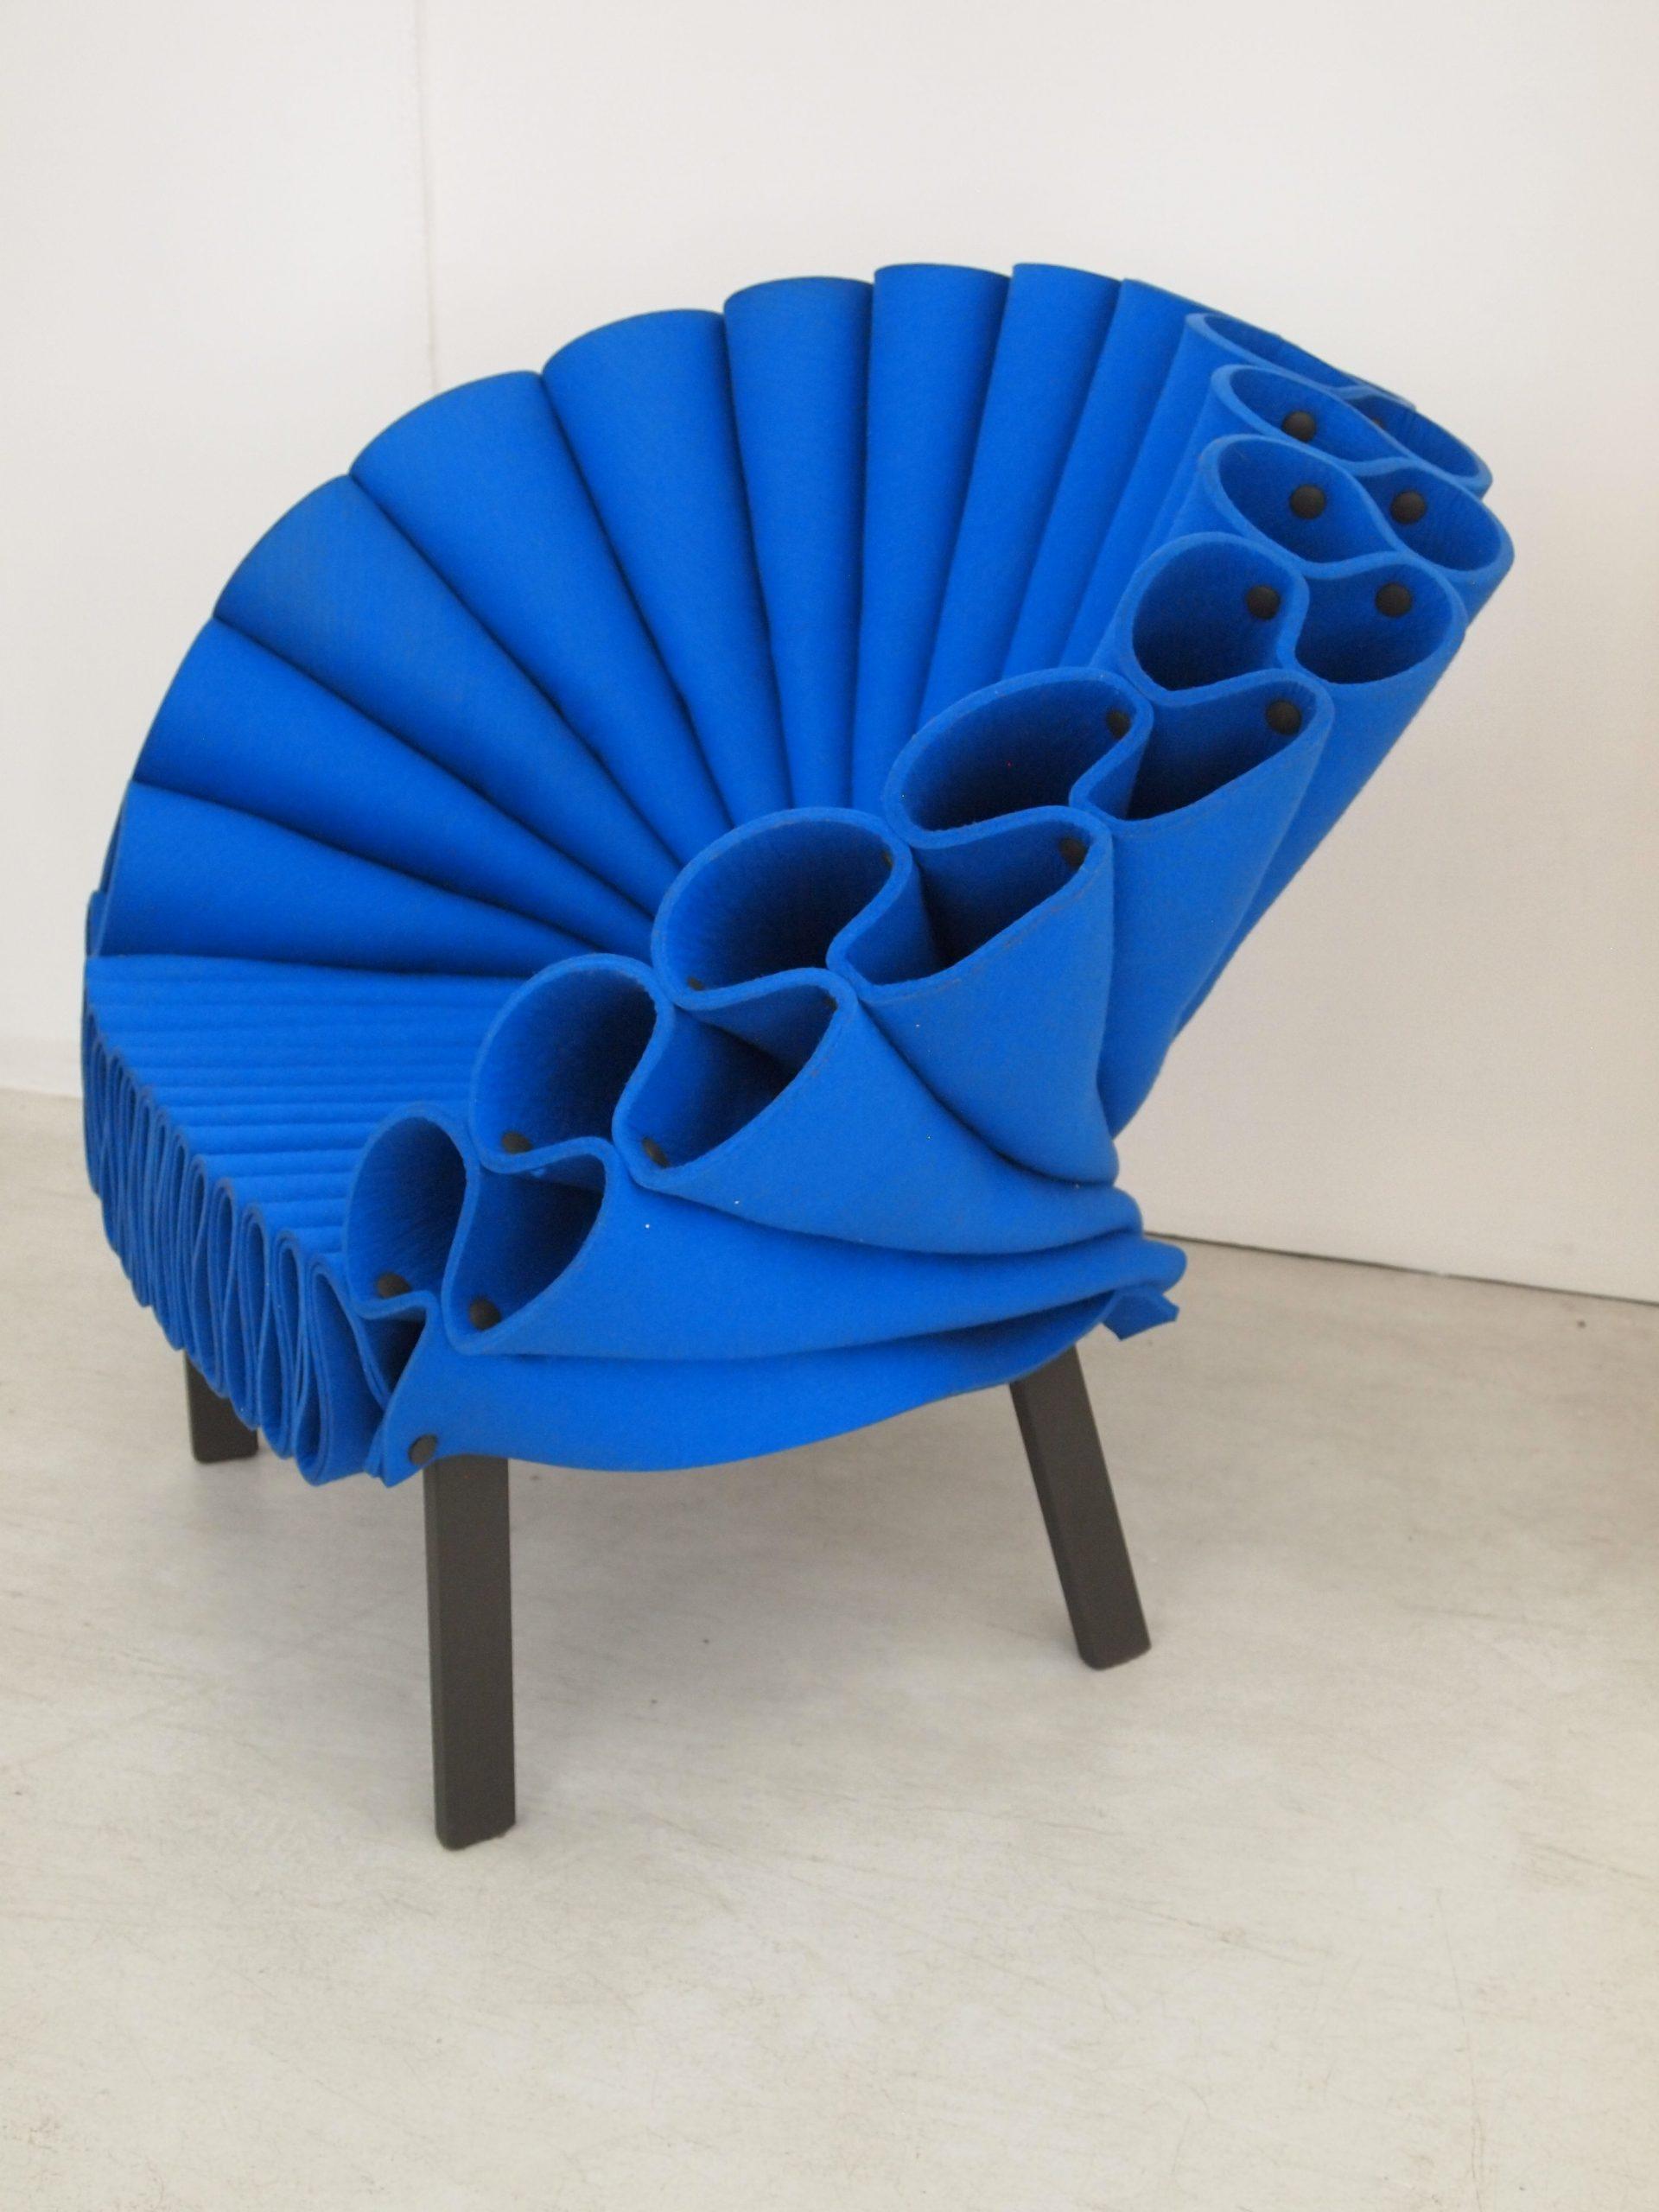 안락 의자 공작 카펠리니 디자인 스튜디오 Dror 이태리에서 만듦